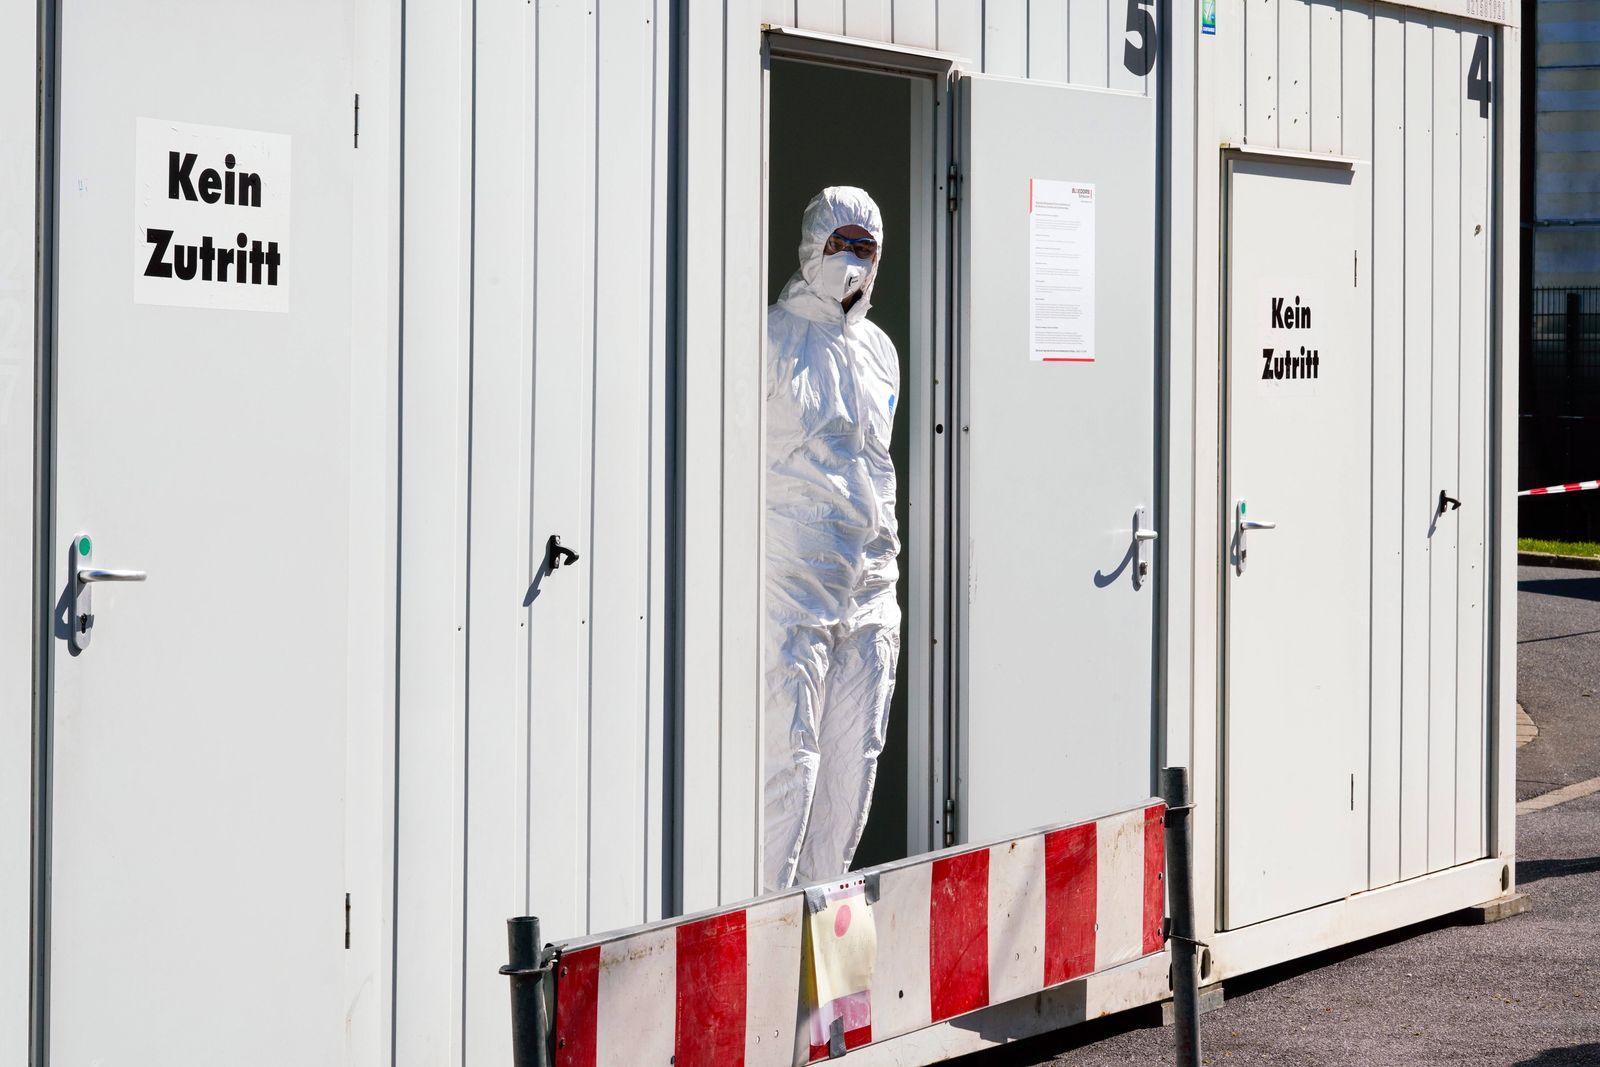 Dortmund, 31.3.2020: Am Klinikum Nord in Dortmund gibt es seit Samstag (21.3.2020) ein Corona-Testzentrum der Kassenärz